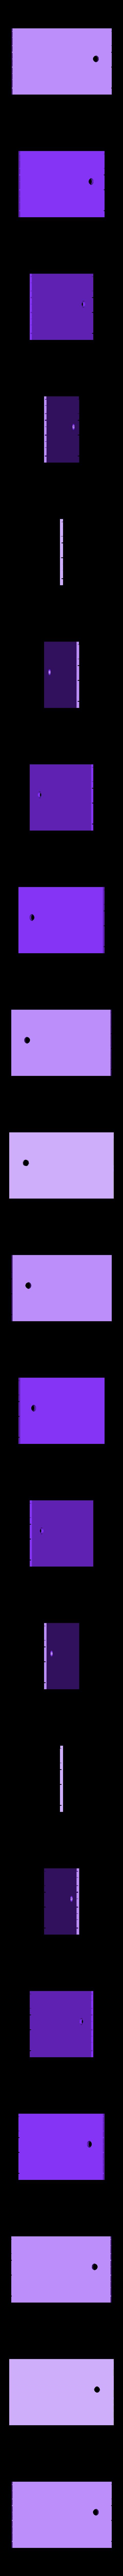 boards_1.stl Télécharger fichier STL gratuit Le moulin • Design pour imprimante 3D, Earsling